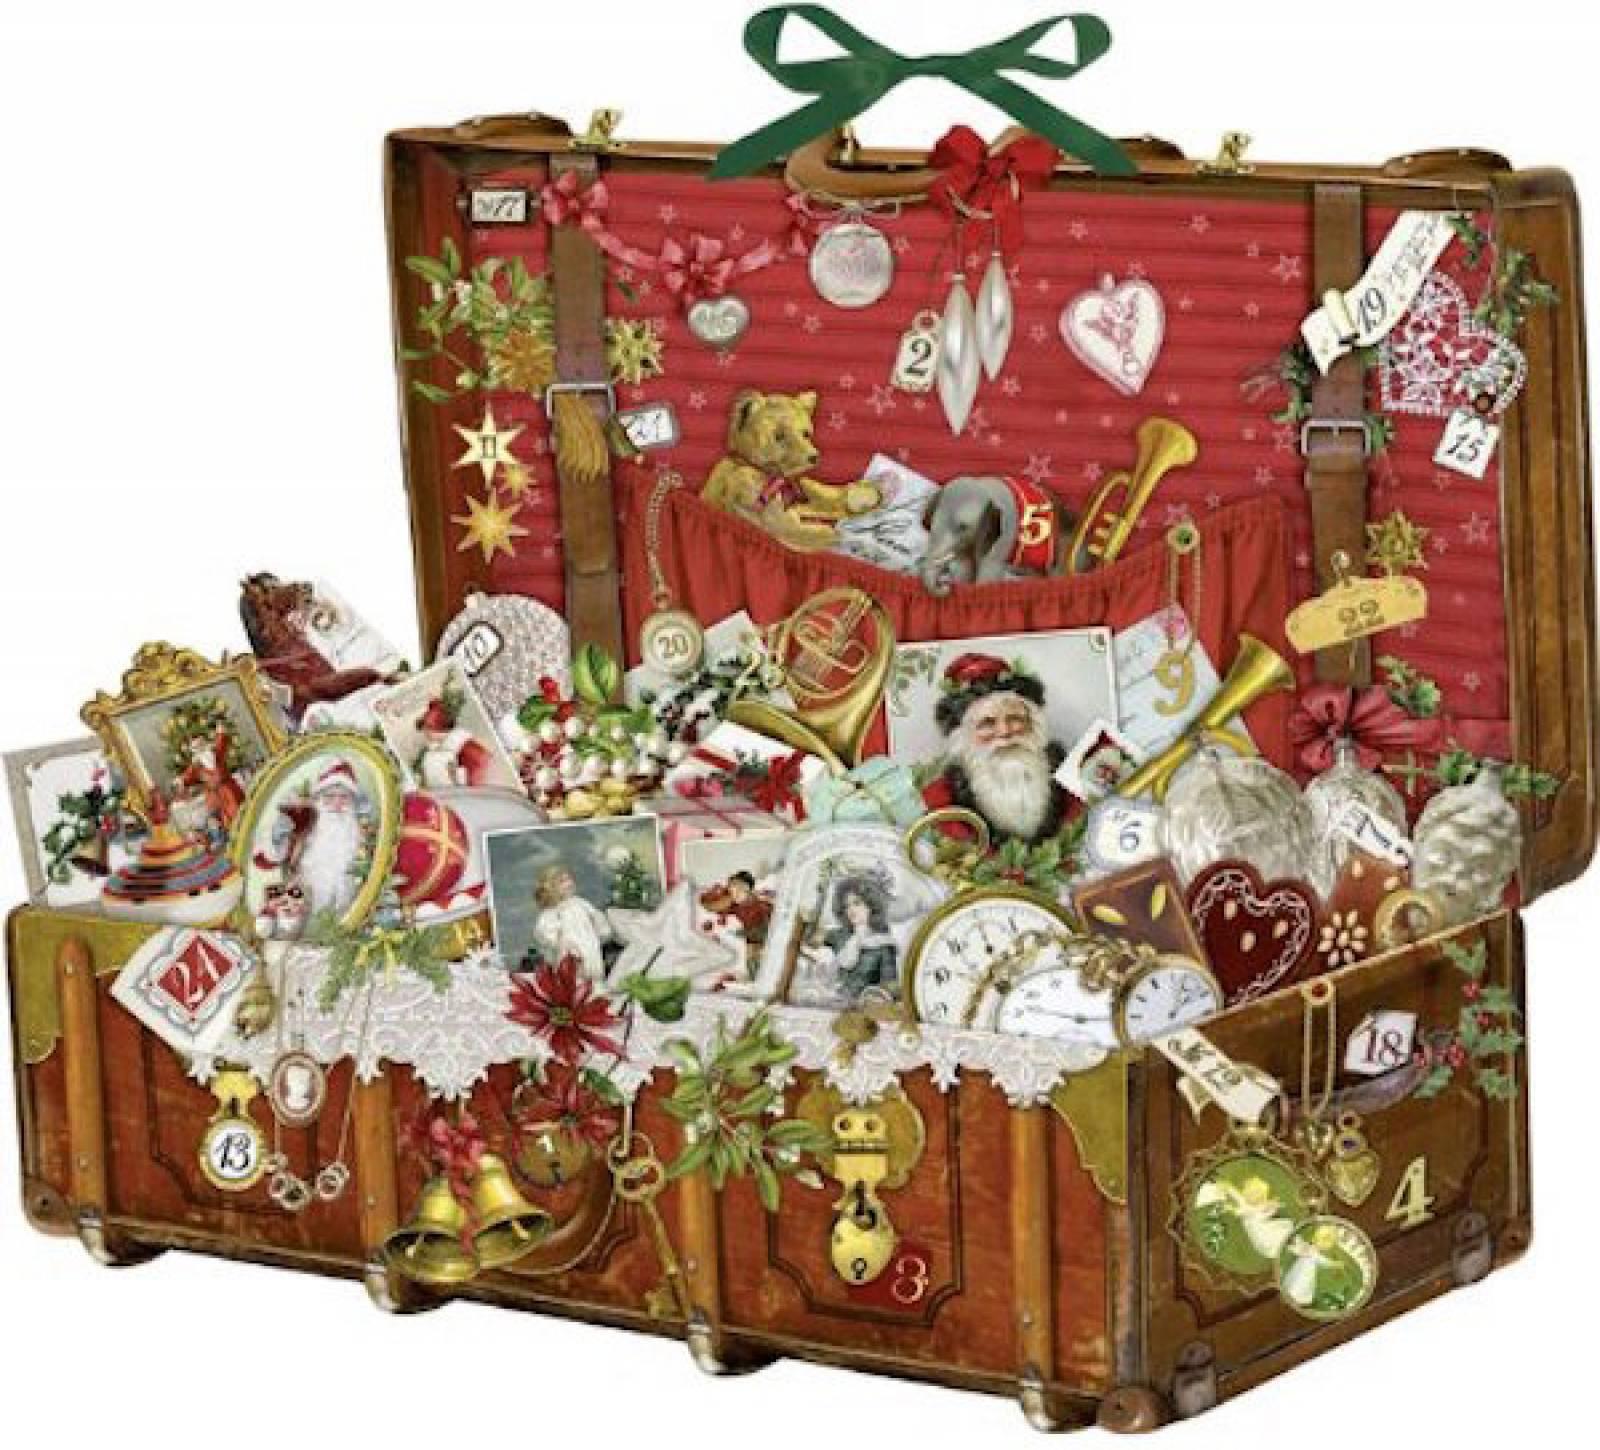 Nostalgic Christmas Suitcase Advent Calendar